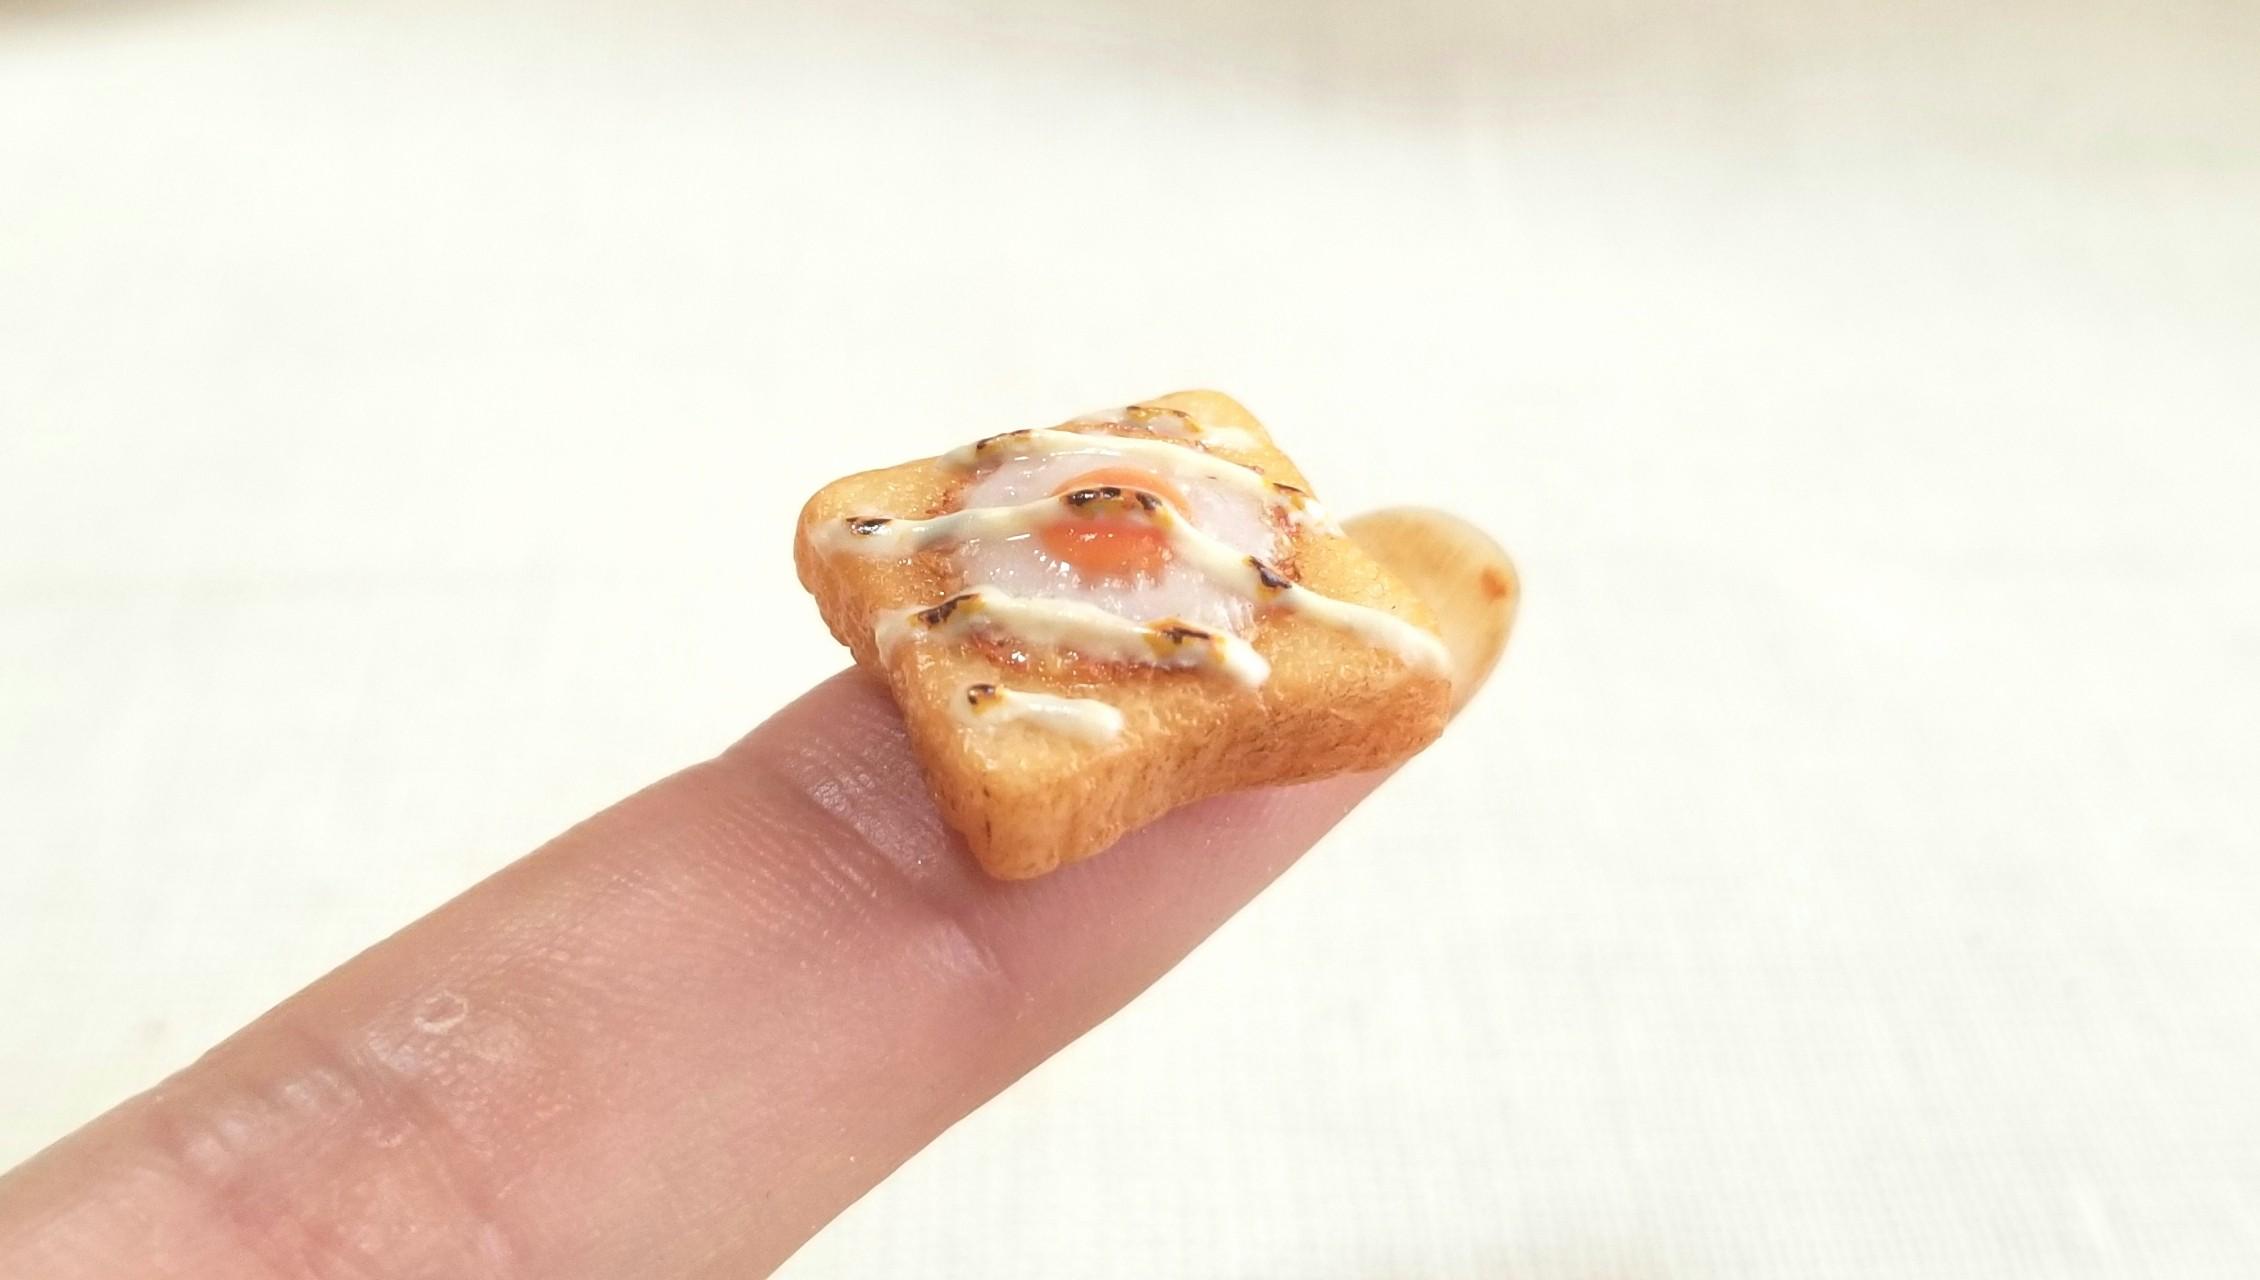 ミニチュアトースト,食パン,ドール小物,ミンネで販売中,オビツろいど